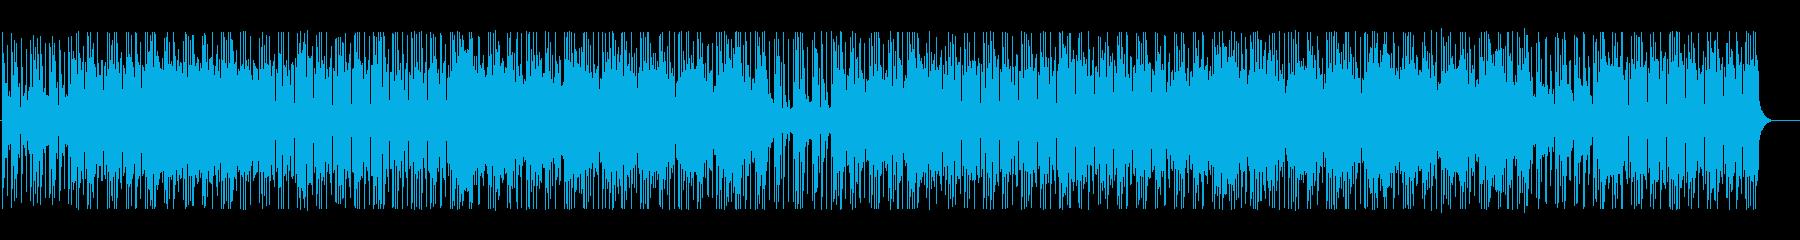 ミステリアスな雰囲気のテクノBGMの再生済みの波形